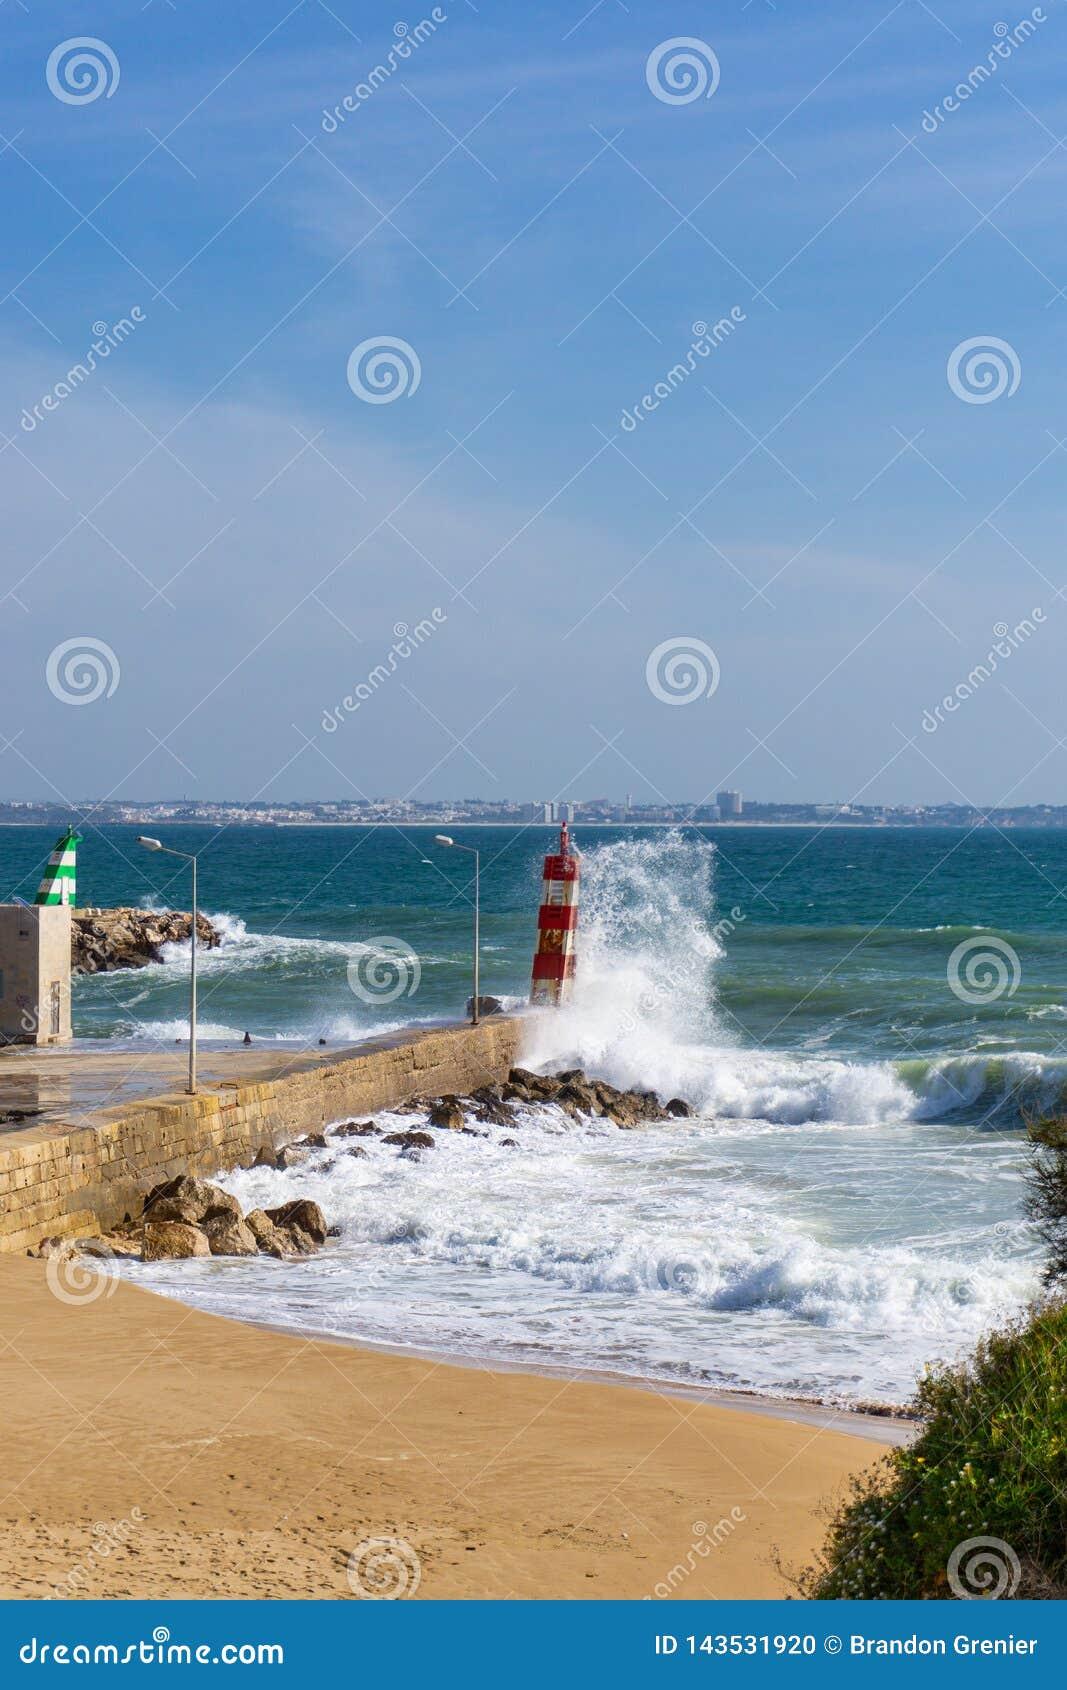 La vague éclabousse contre le phare à Lagos, Portugal